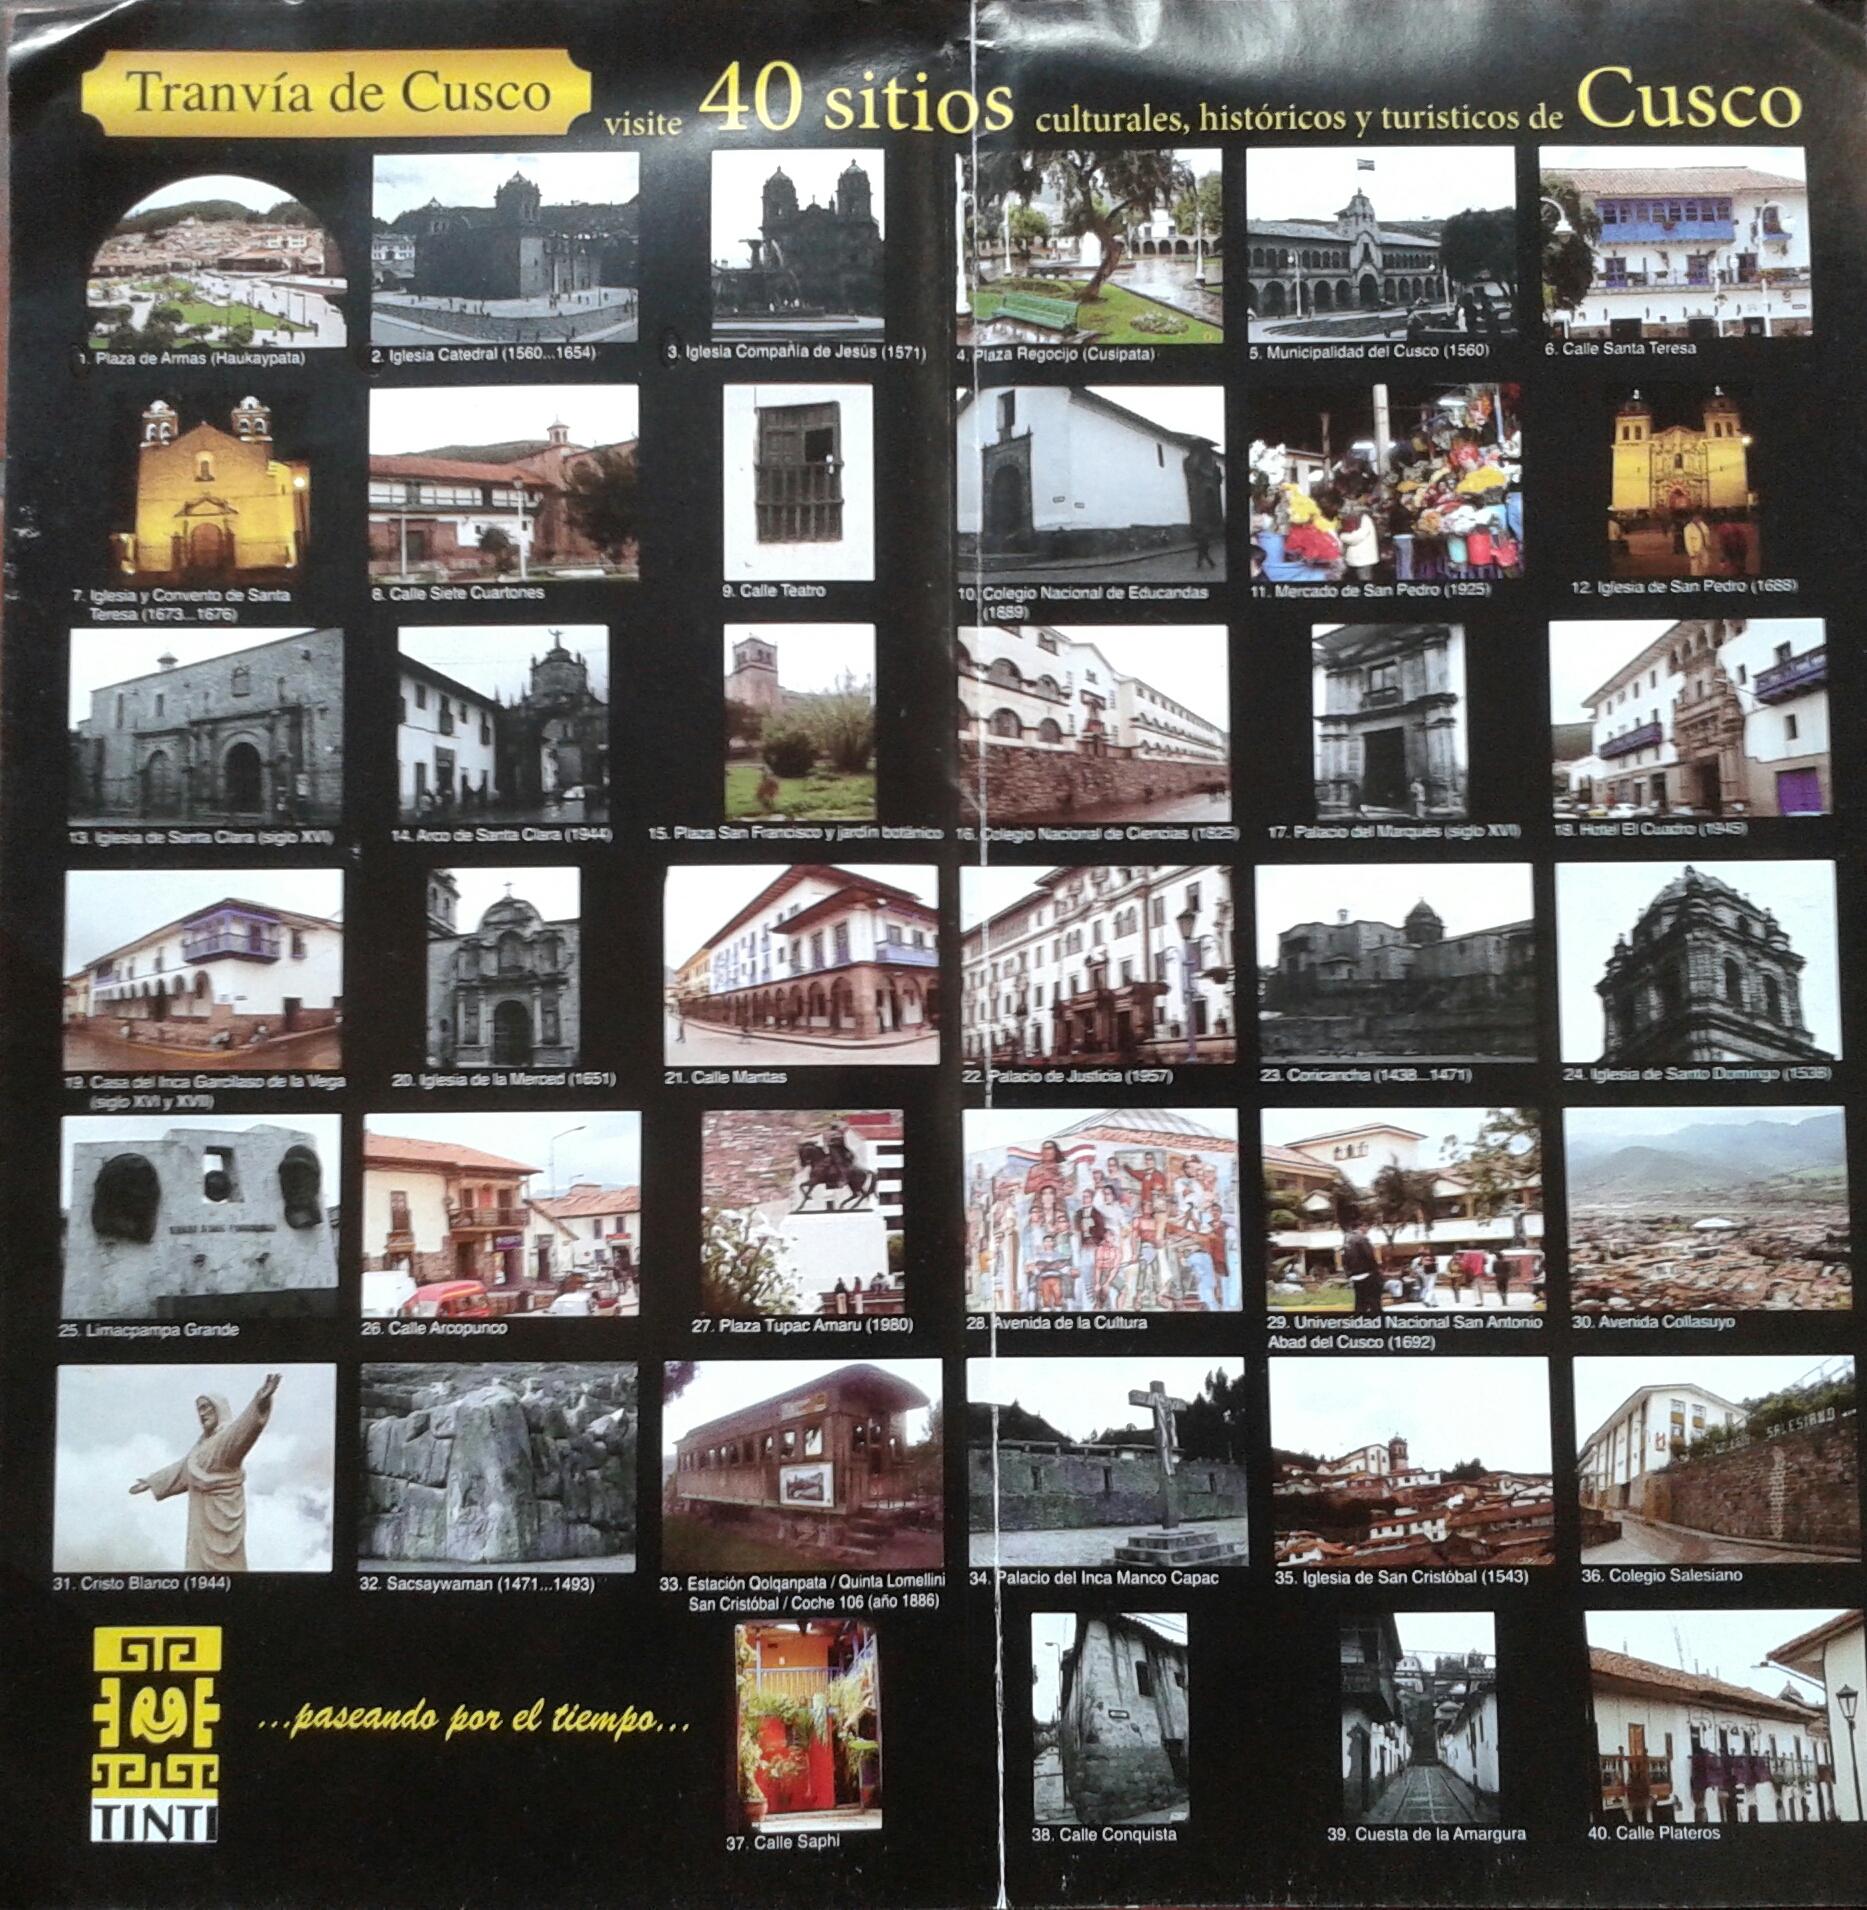 Centro Histórico de Cusco, Peru 5